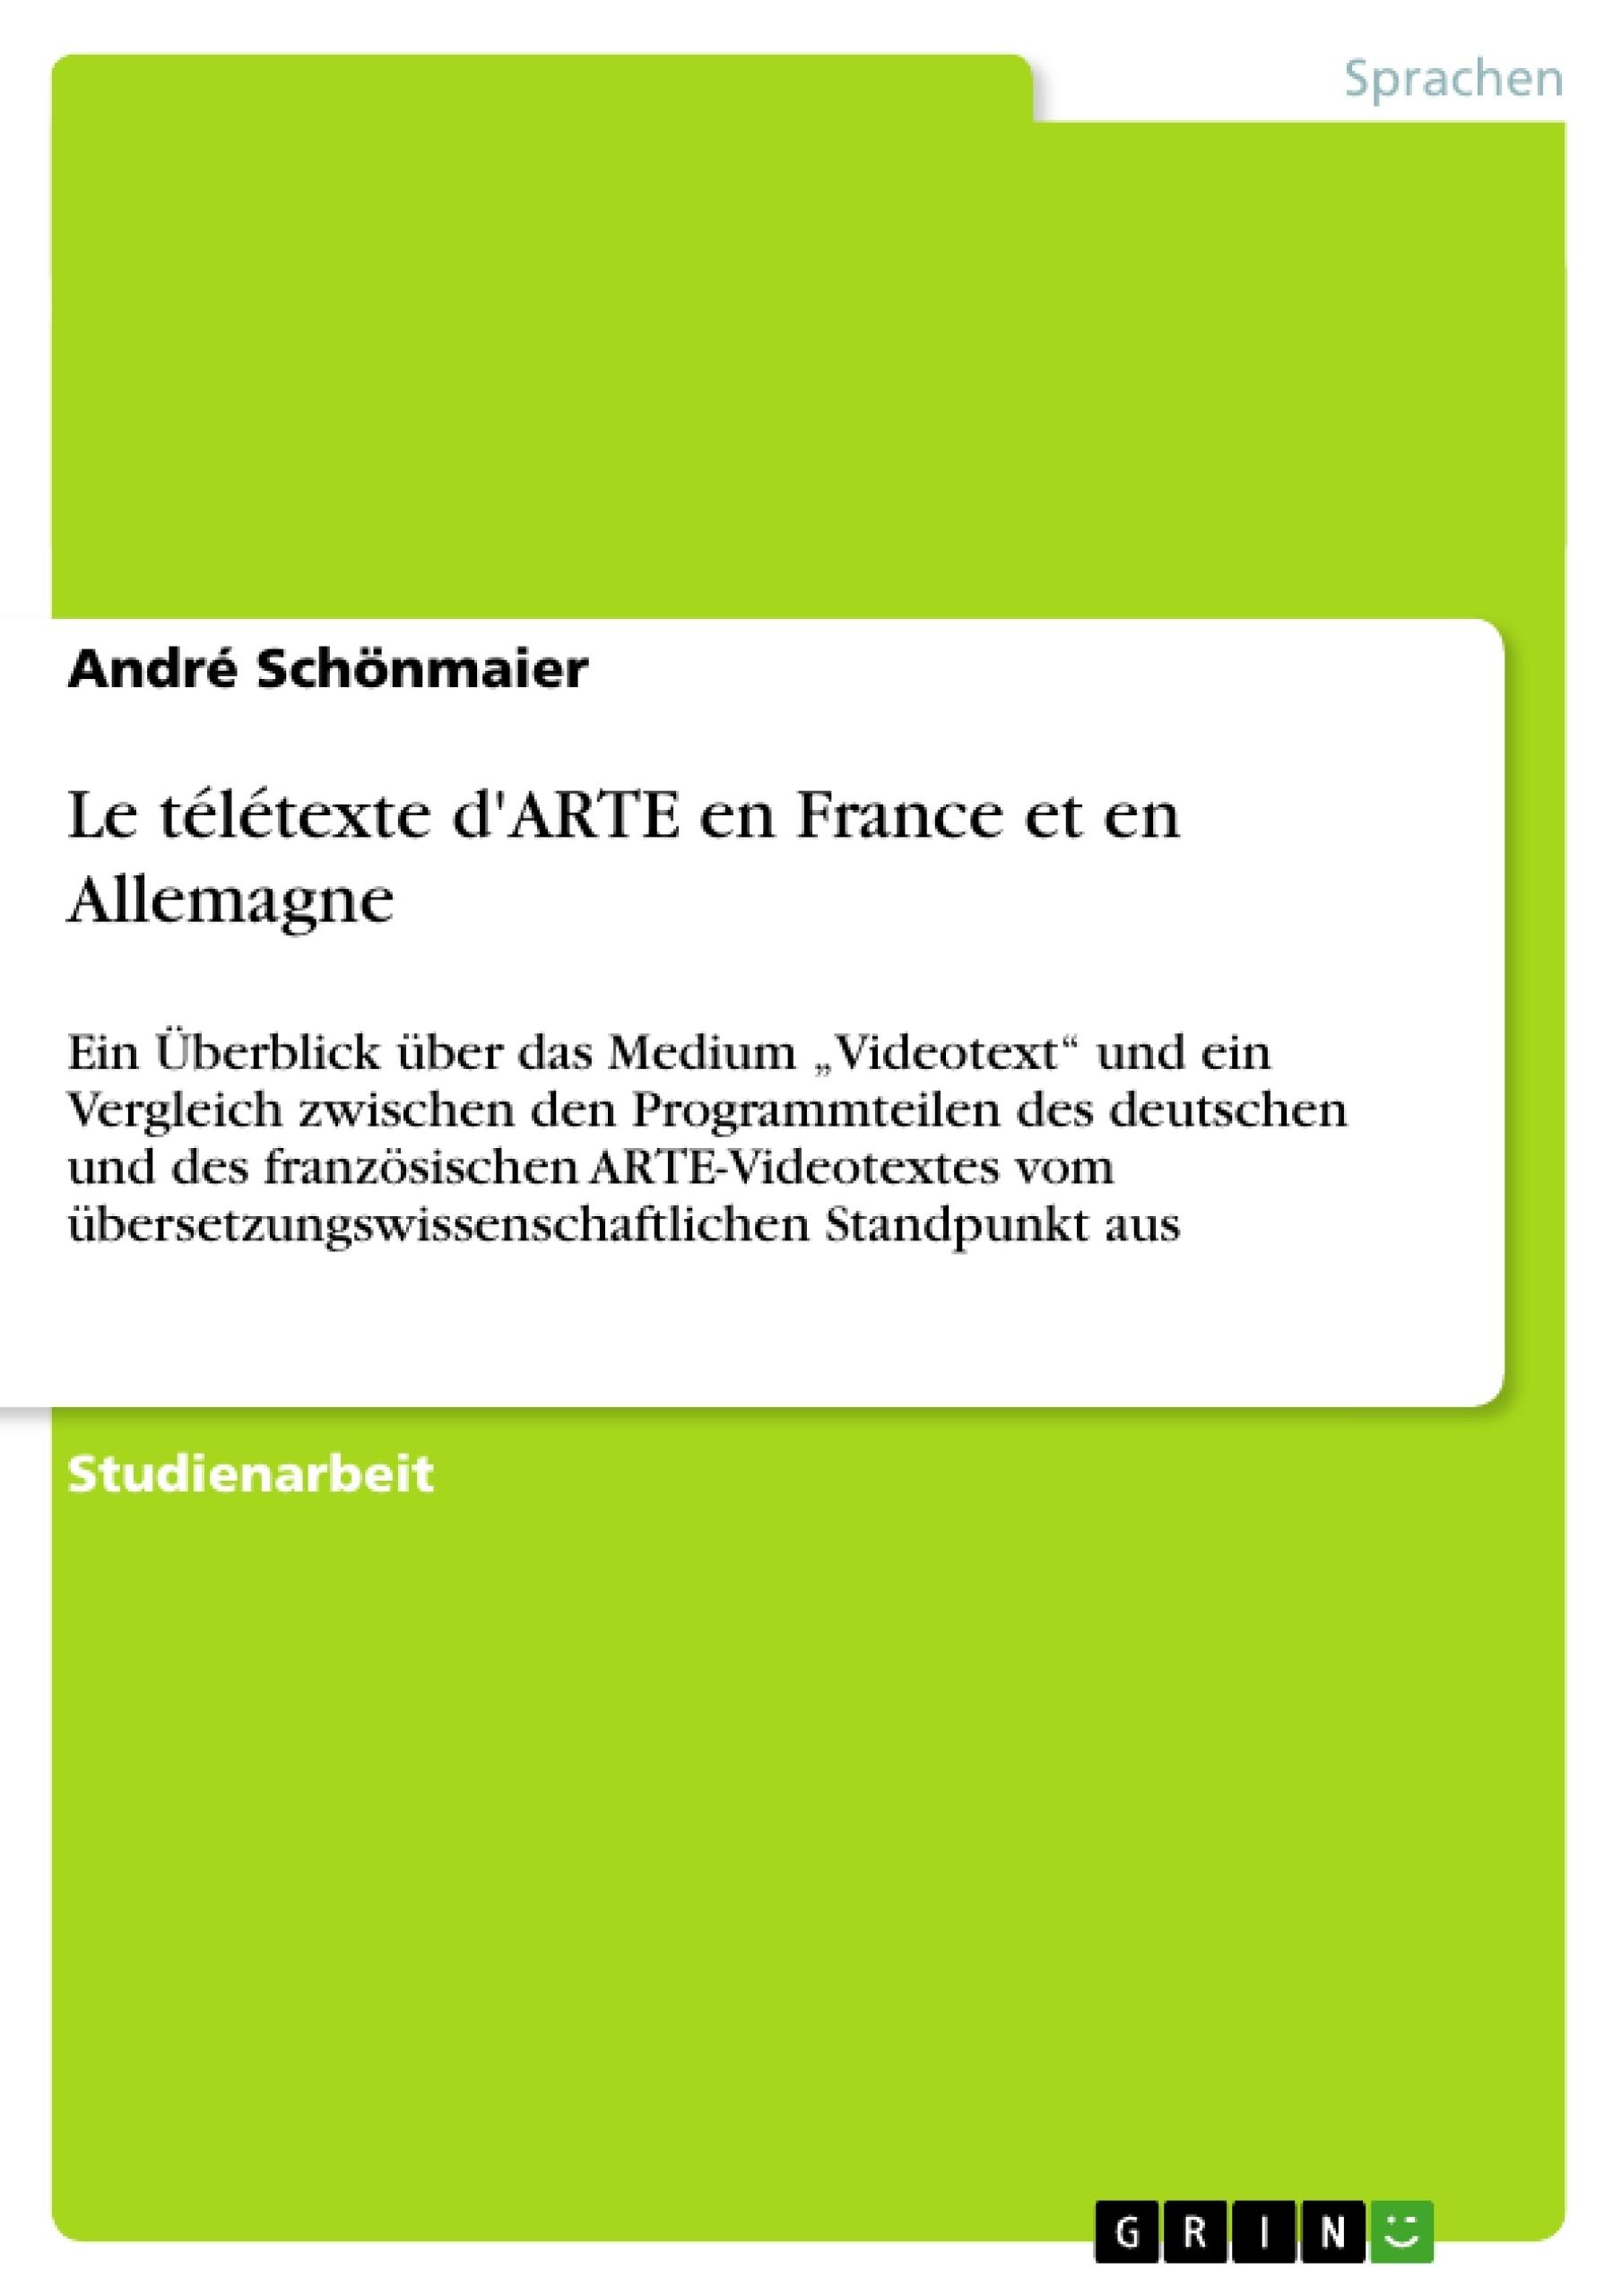 Titel: Le télétexte d'ARTE en France et en Allemagne